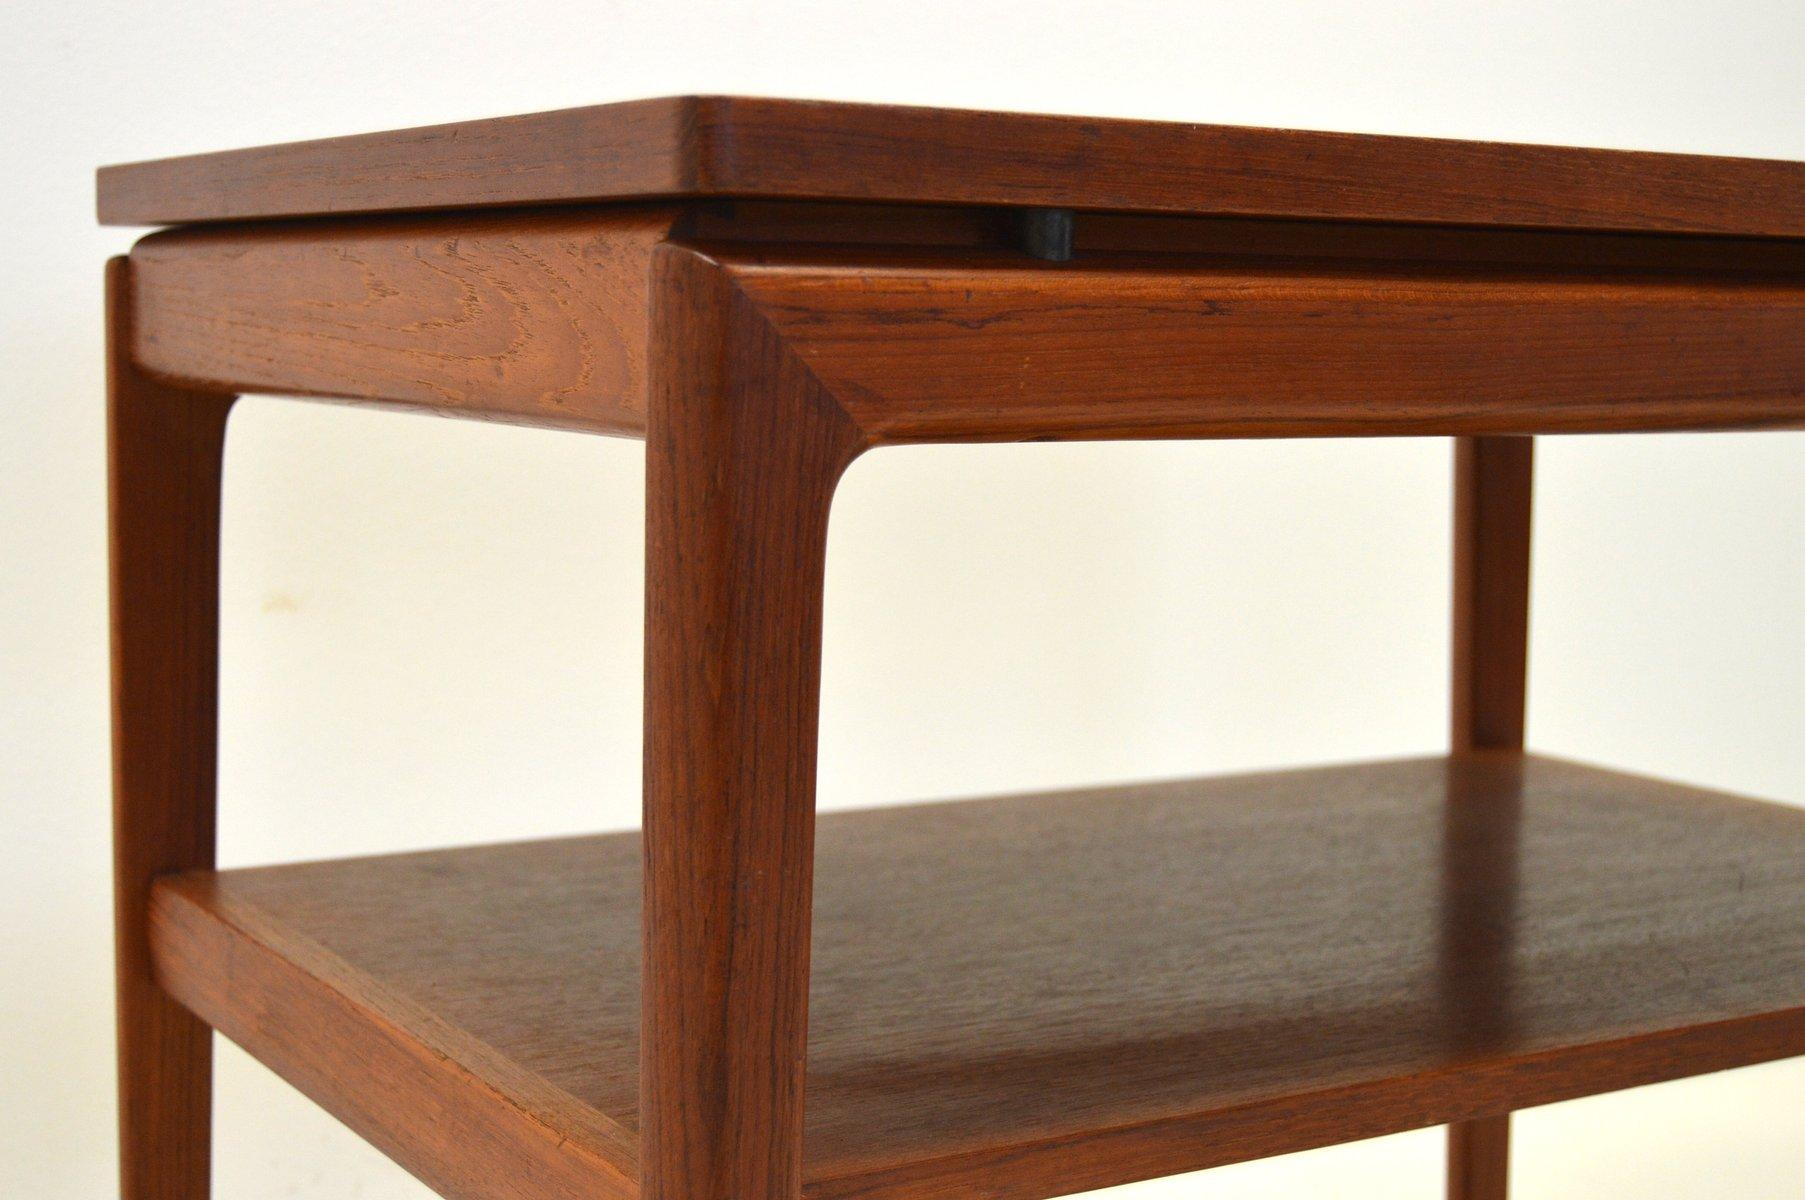 vintage teak servierwagen von france s n bei pamono kaufen. Black Bedroom Furniture Sets. Home Design Ideas